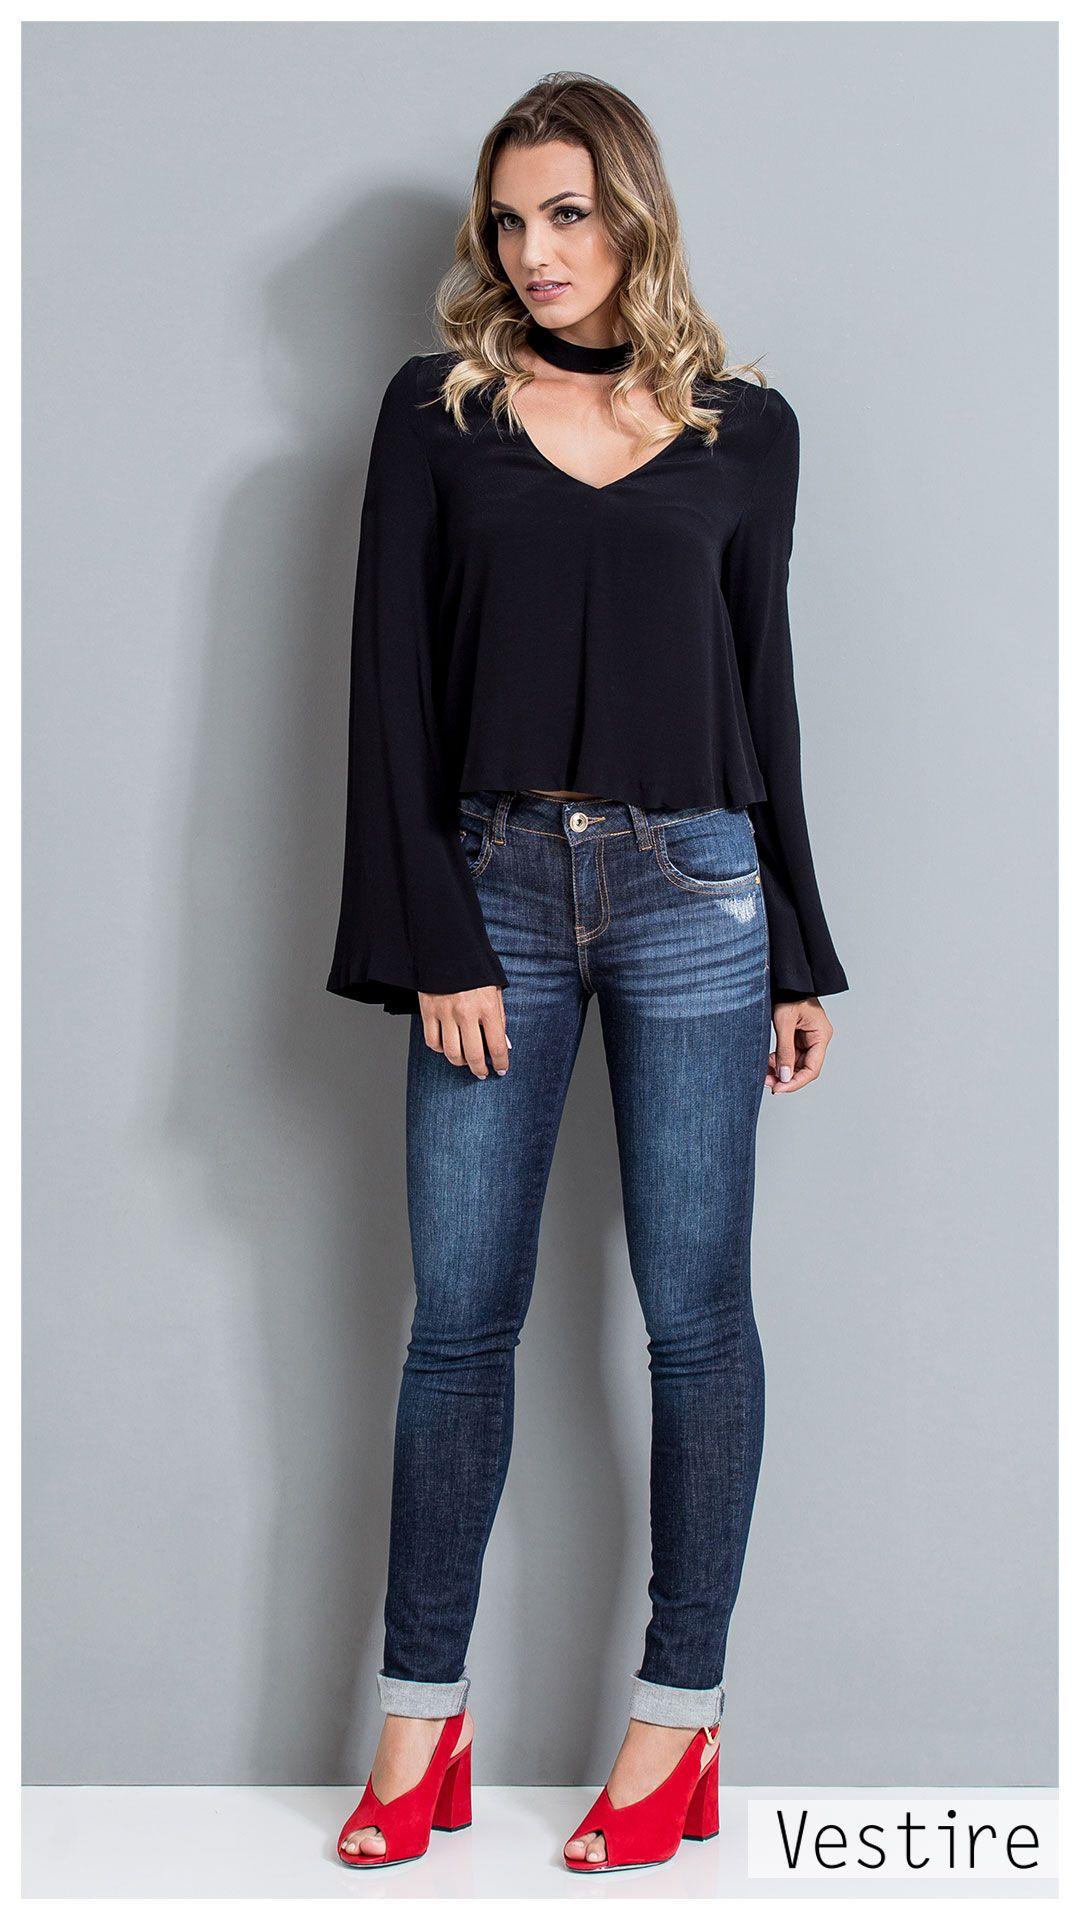 6278e68c7 Vestire Jeans Feminino. Calça Jeans reta com barra dobrada. Lavagem super  stone.